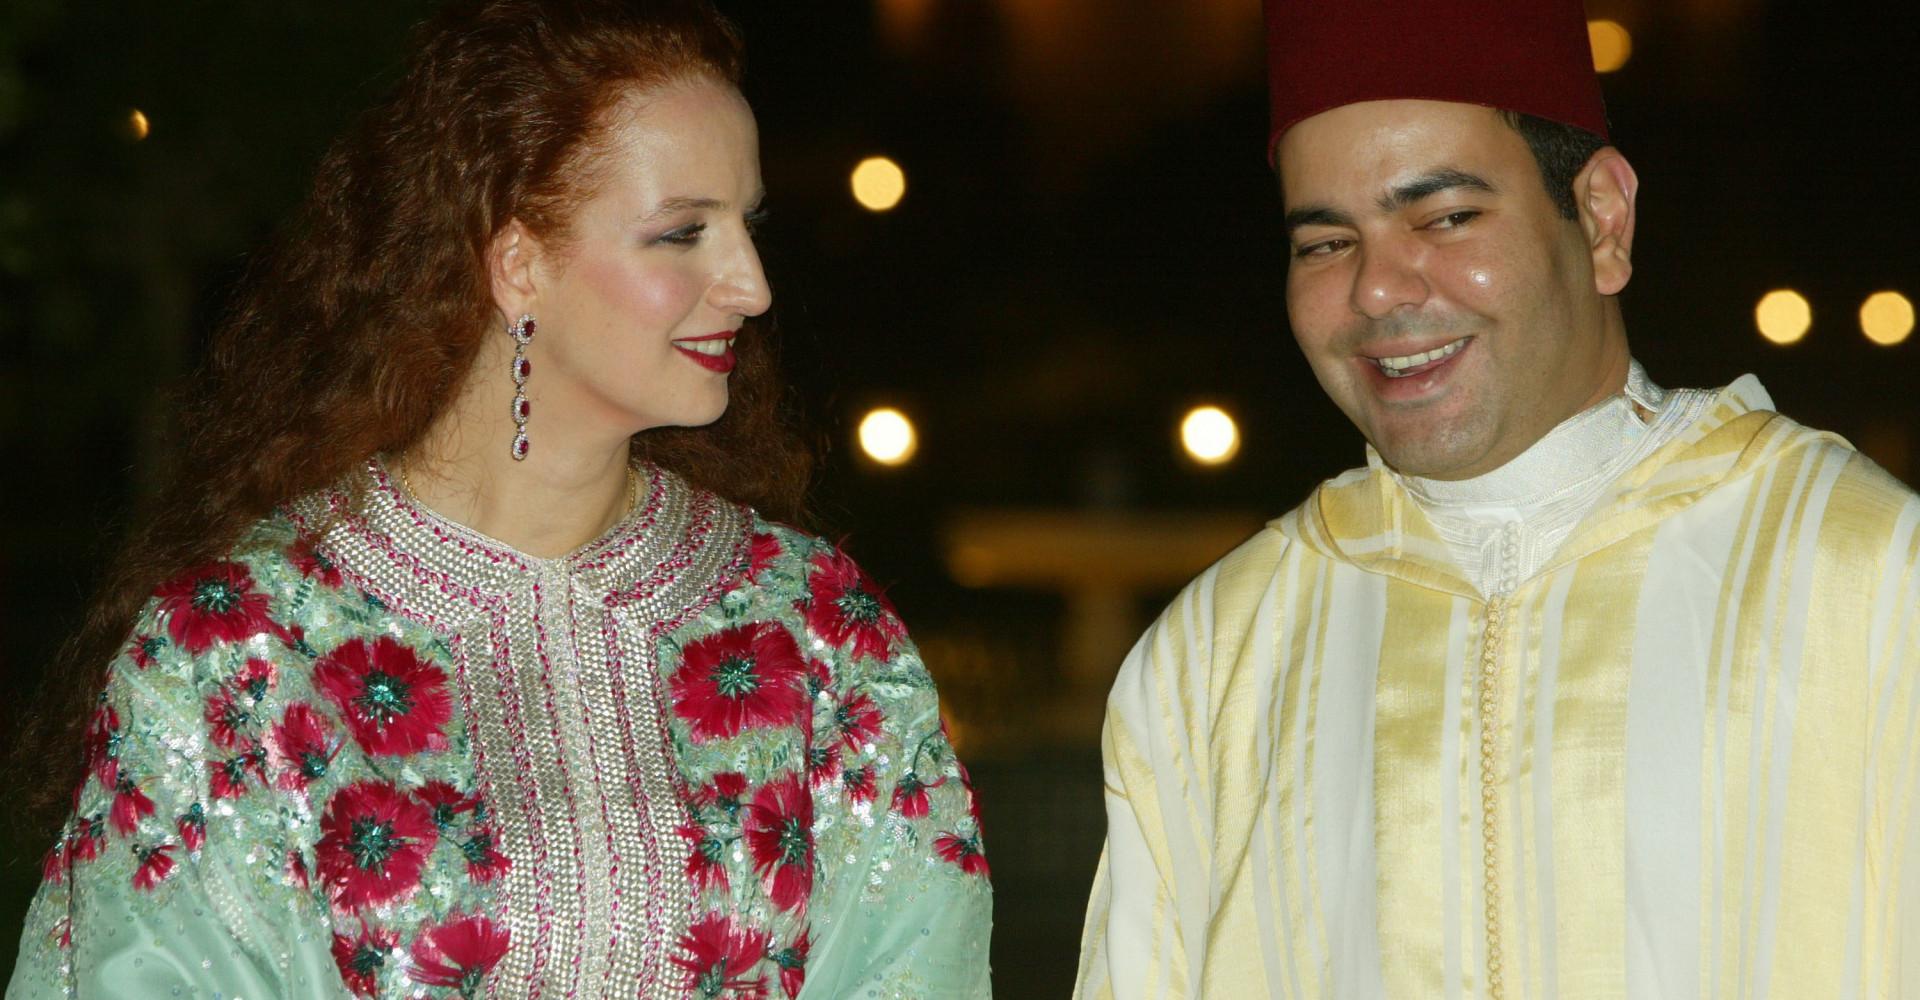 Qui est Lalla Salma, la supposée ex-épouse du Roi du Maroc?